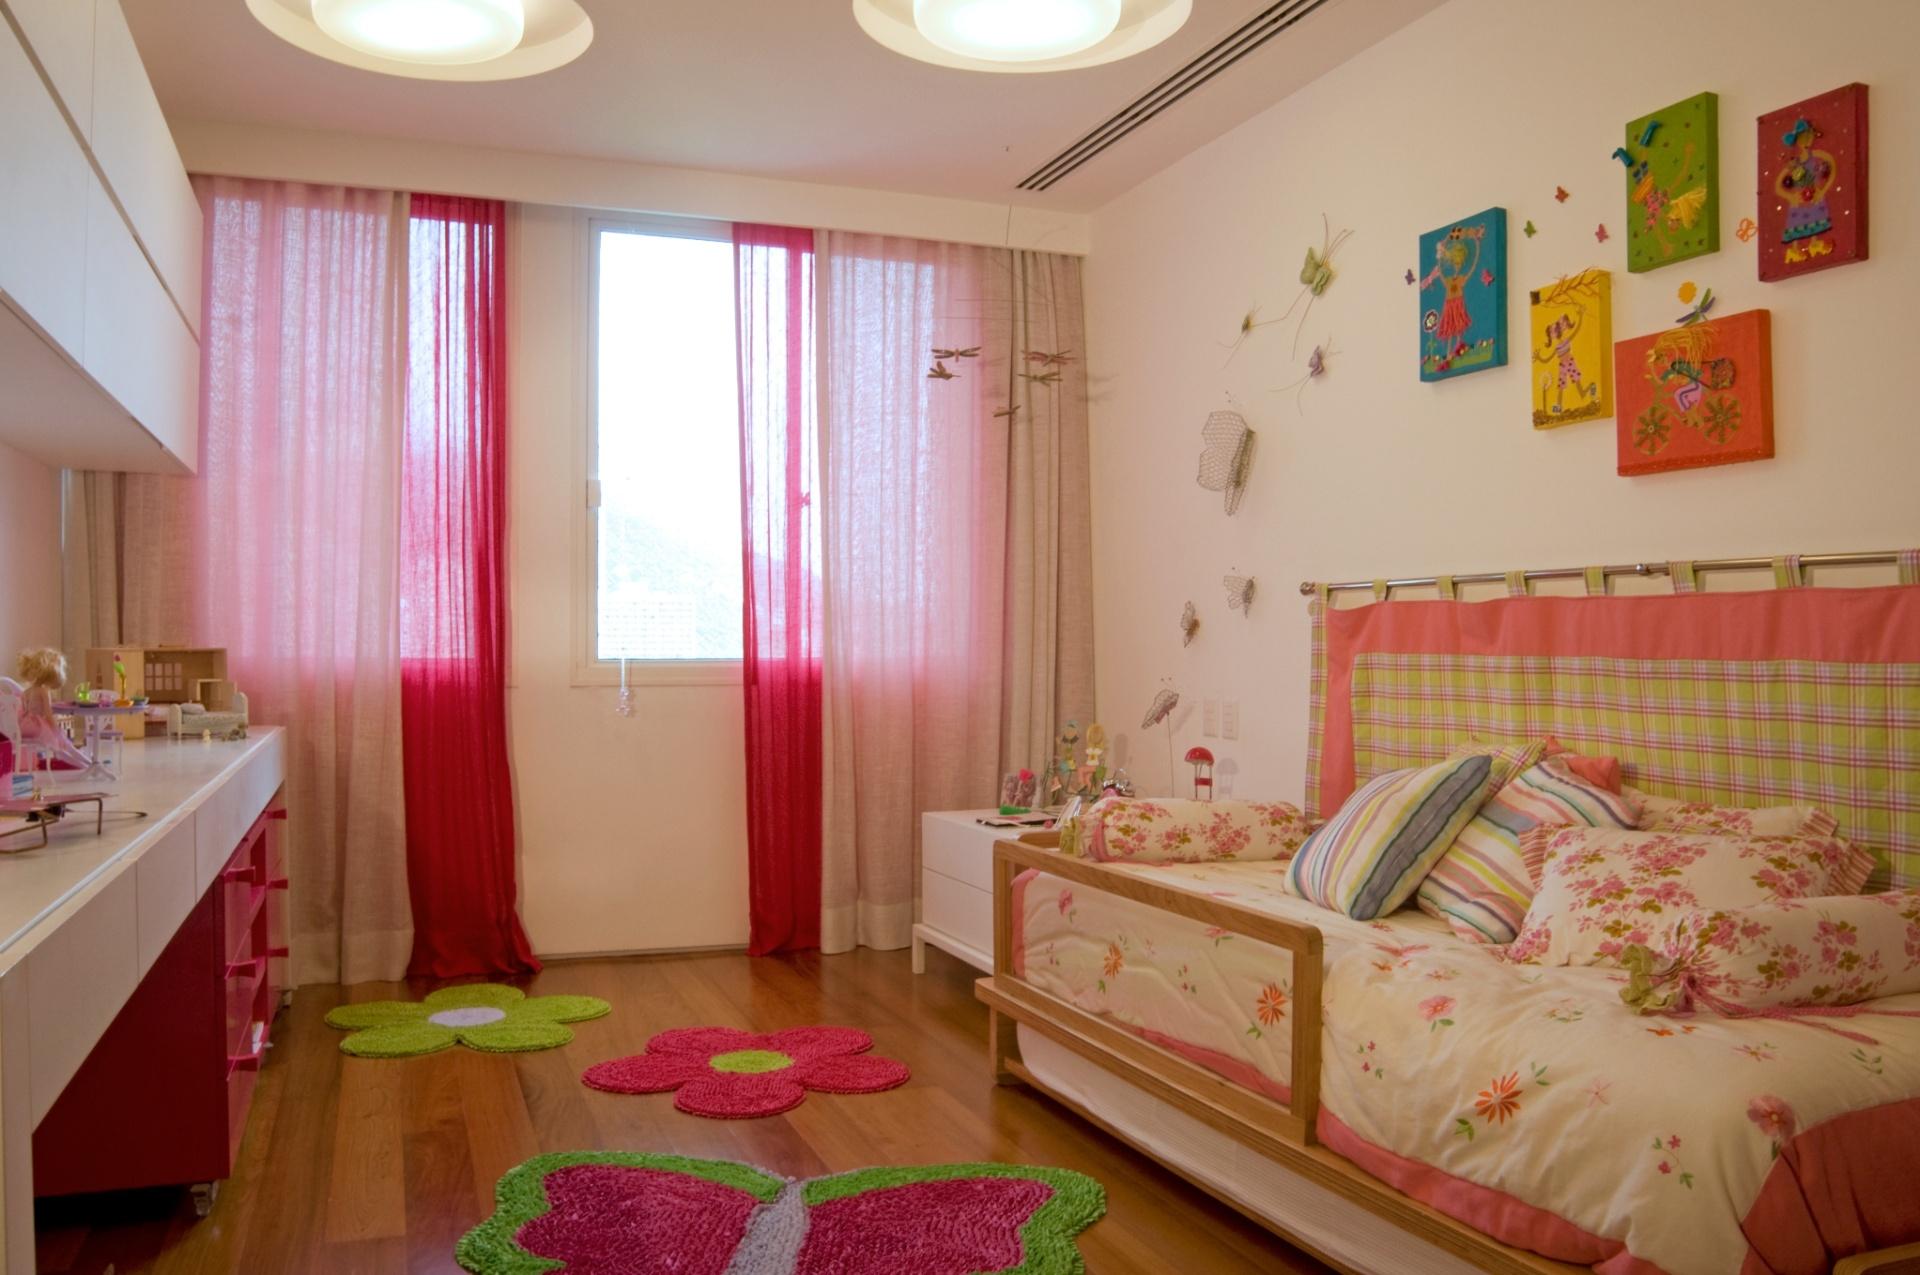 No segundo andar do apartamento dúplex, em São Conrado (RJ), ficam os dormitórios. No quarto da filha do casal, a arquiteta Izabela Lessa projetou uma decoração mais lúdica